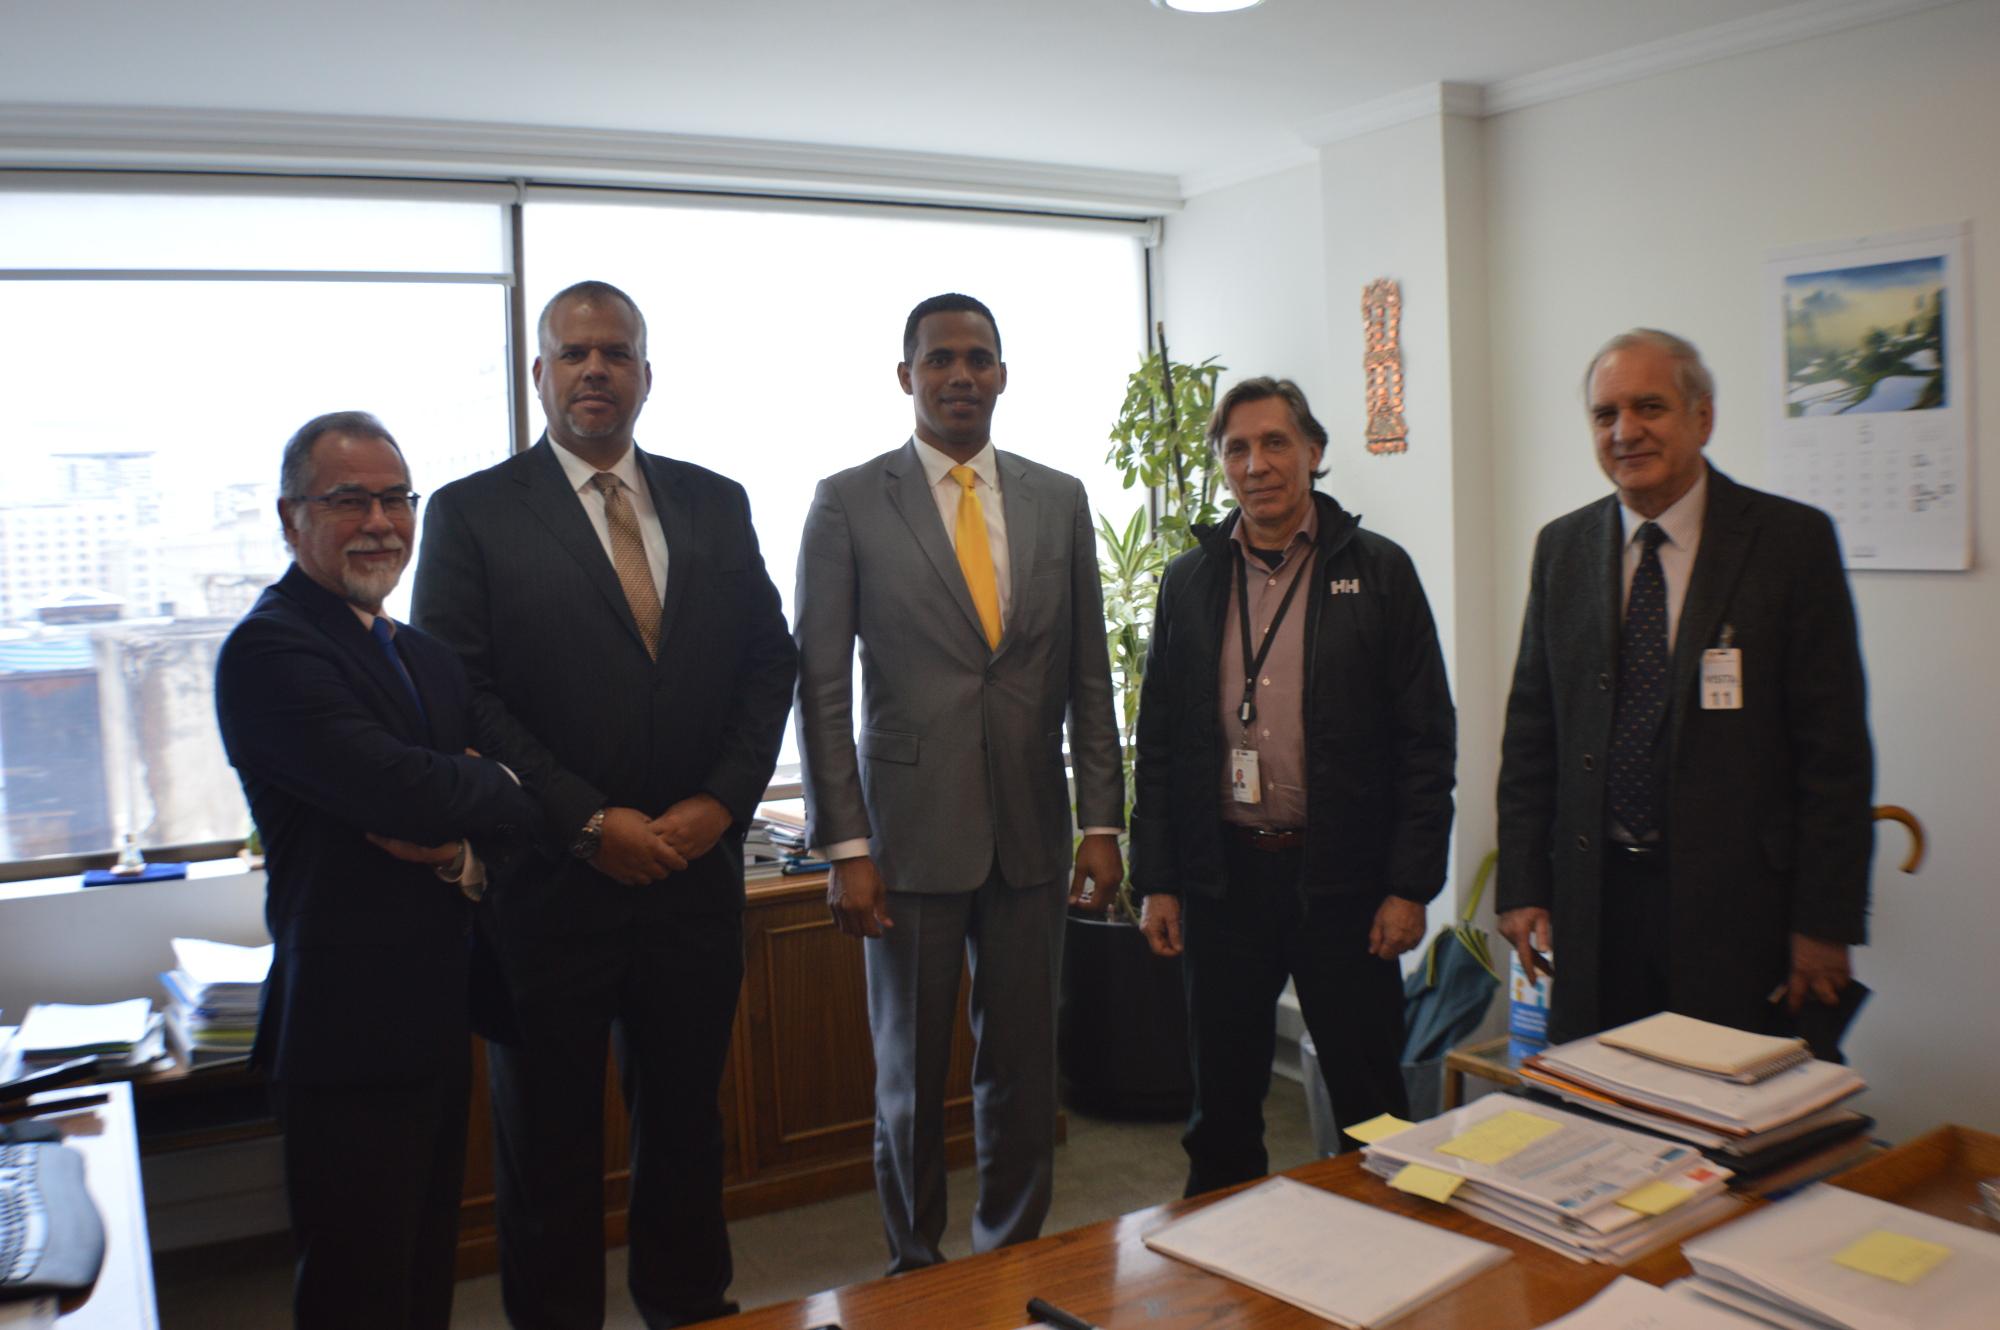 La presidencia y vicepresidencia de Codelco recibieron a la delegación venezolana